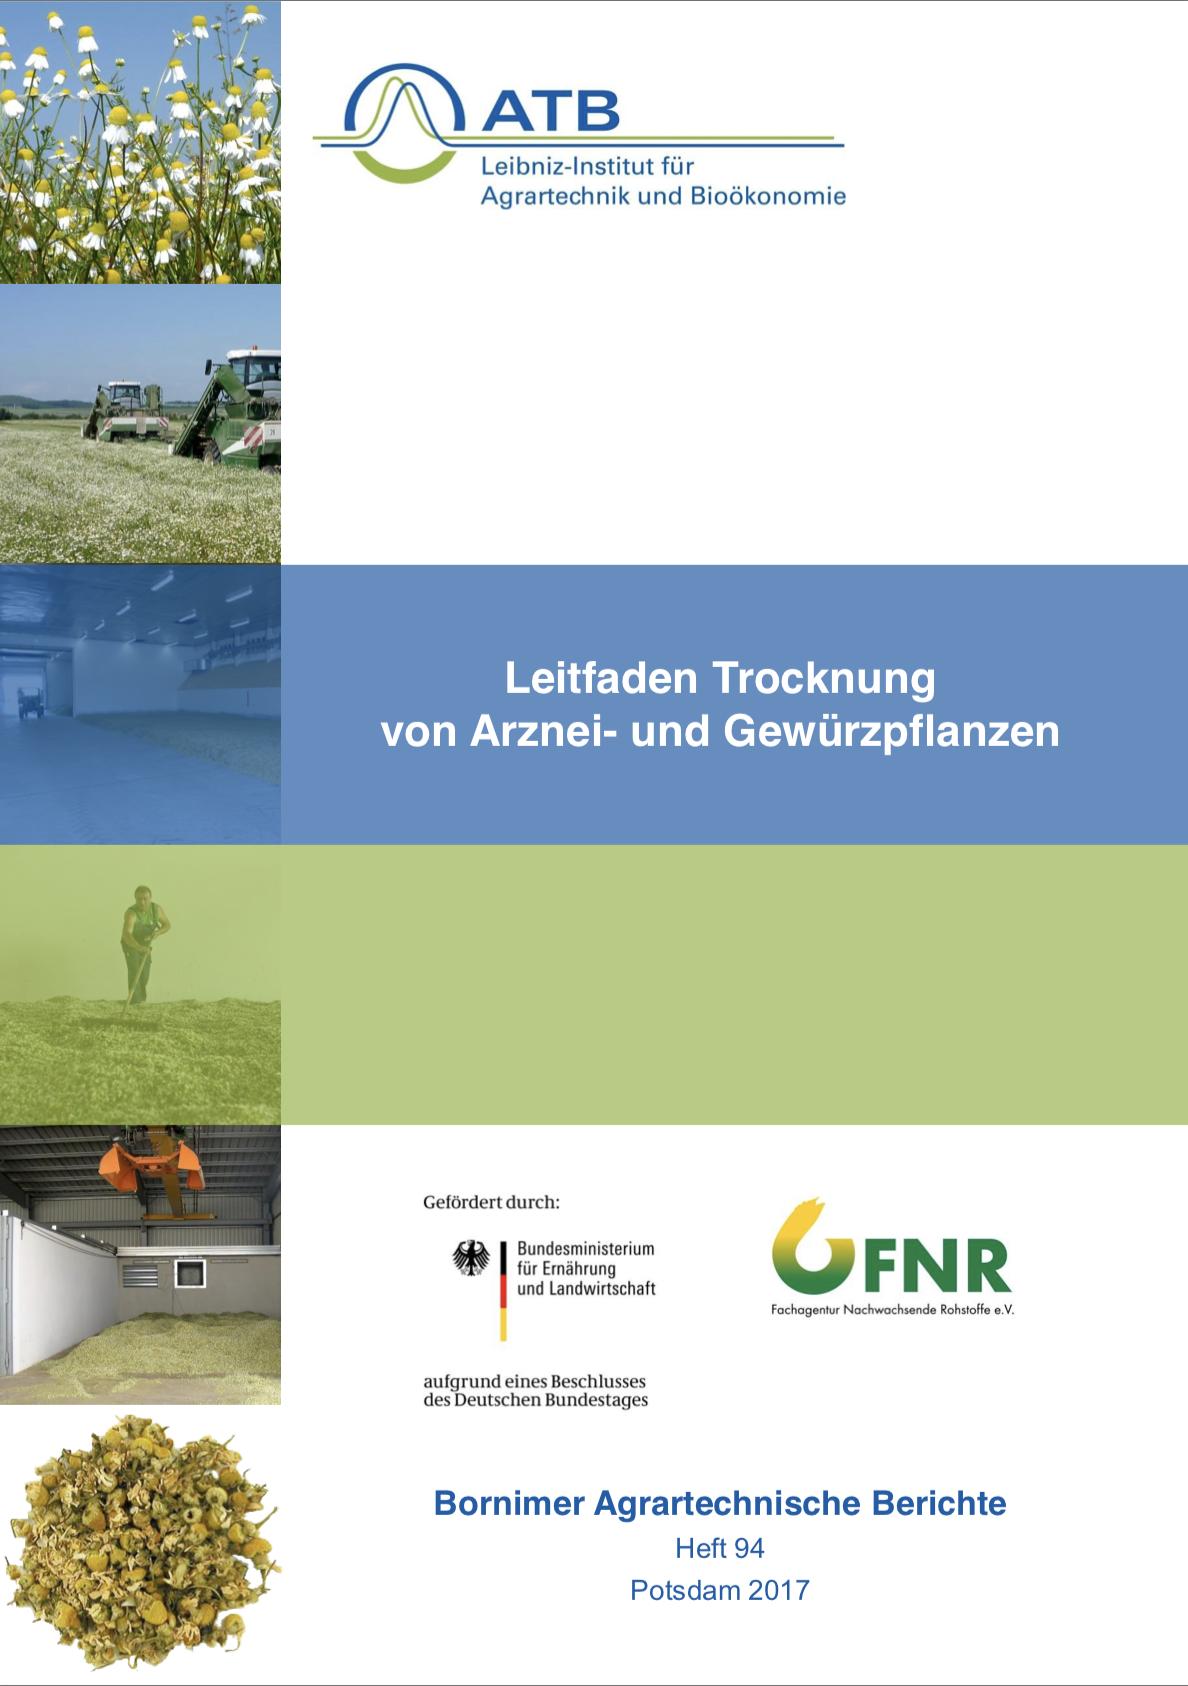 """""""Leitfaden zur Trocknung von Arznei- und Gewürzpflanzen"""" des Leibniz-Instituts für Agrartechnik und Bioökonomie, 2017"""